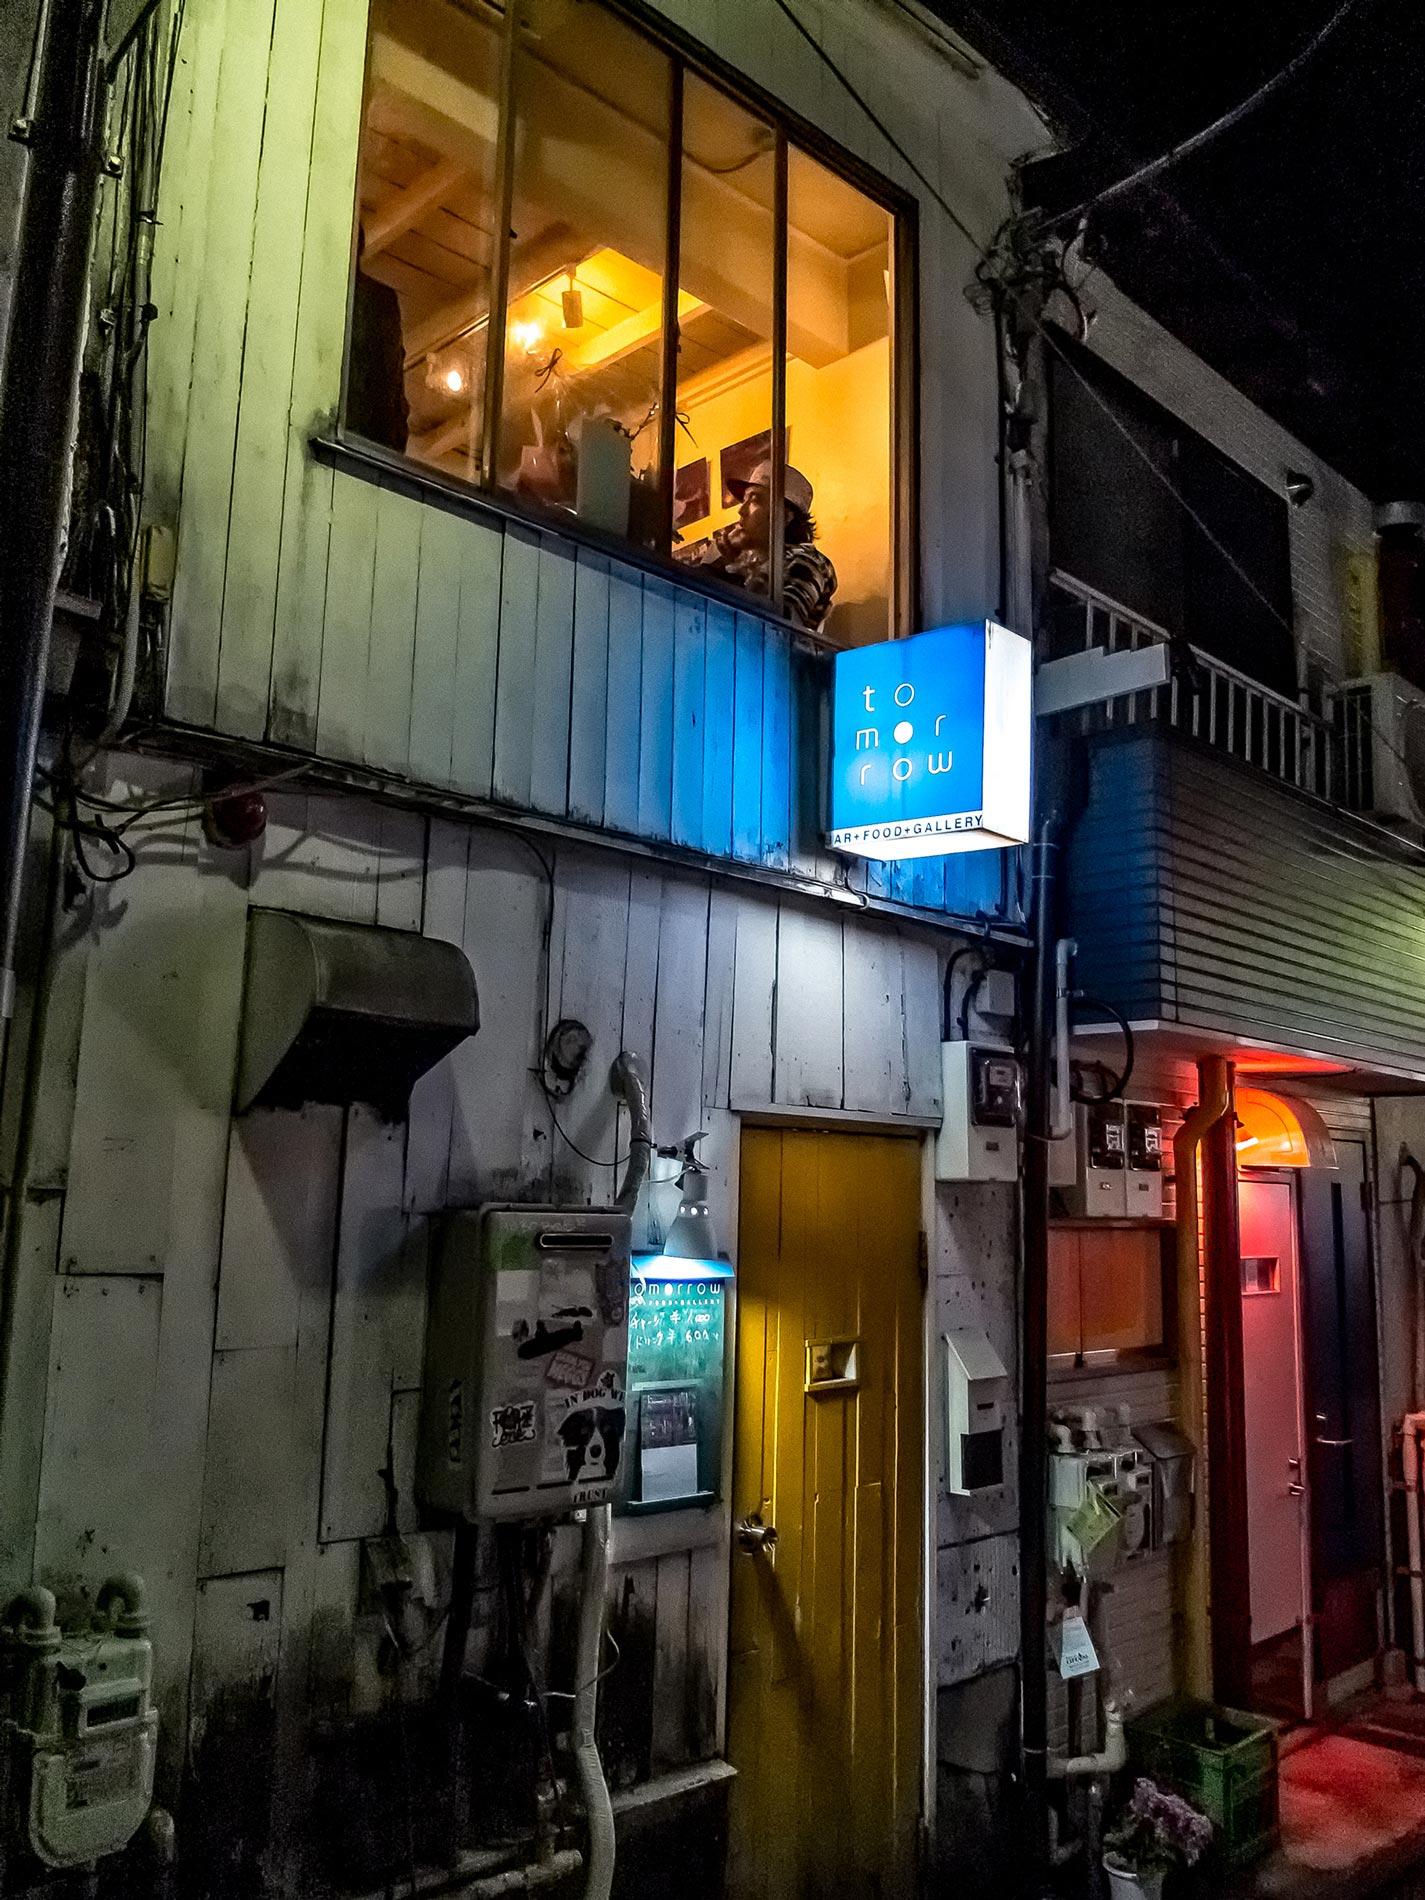 Tokyo back streets - Shinjuku Golden Gai